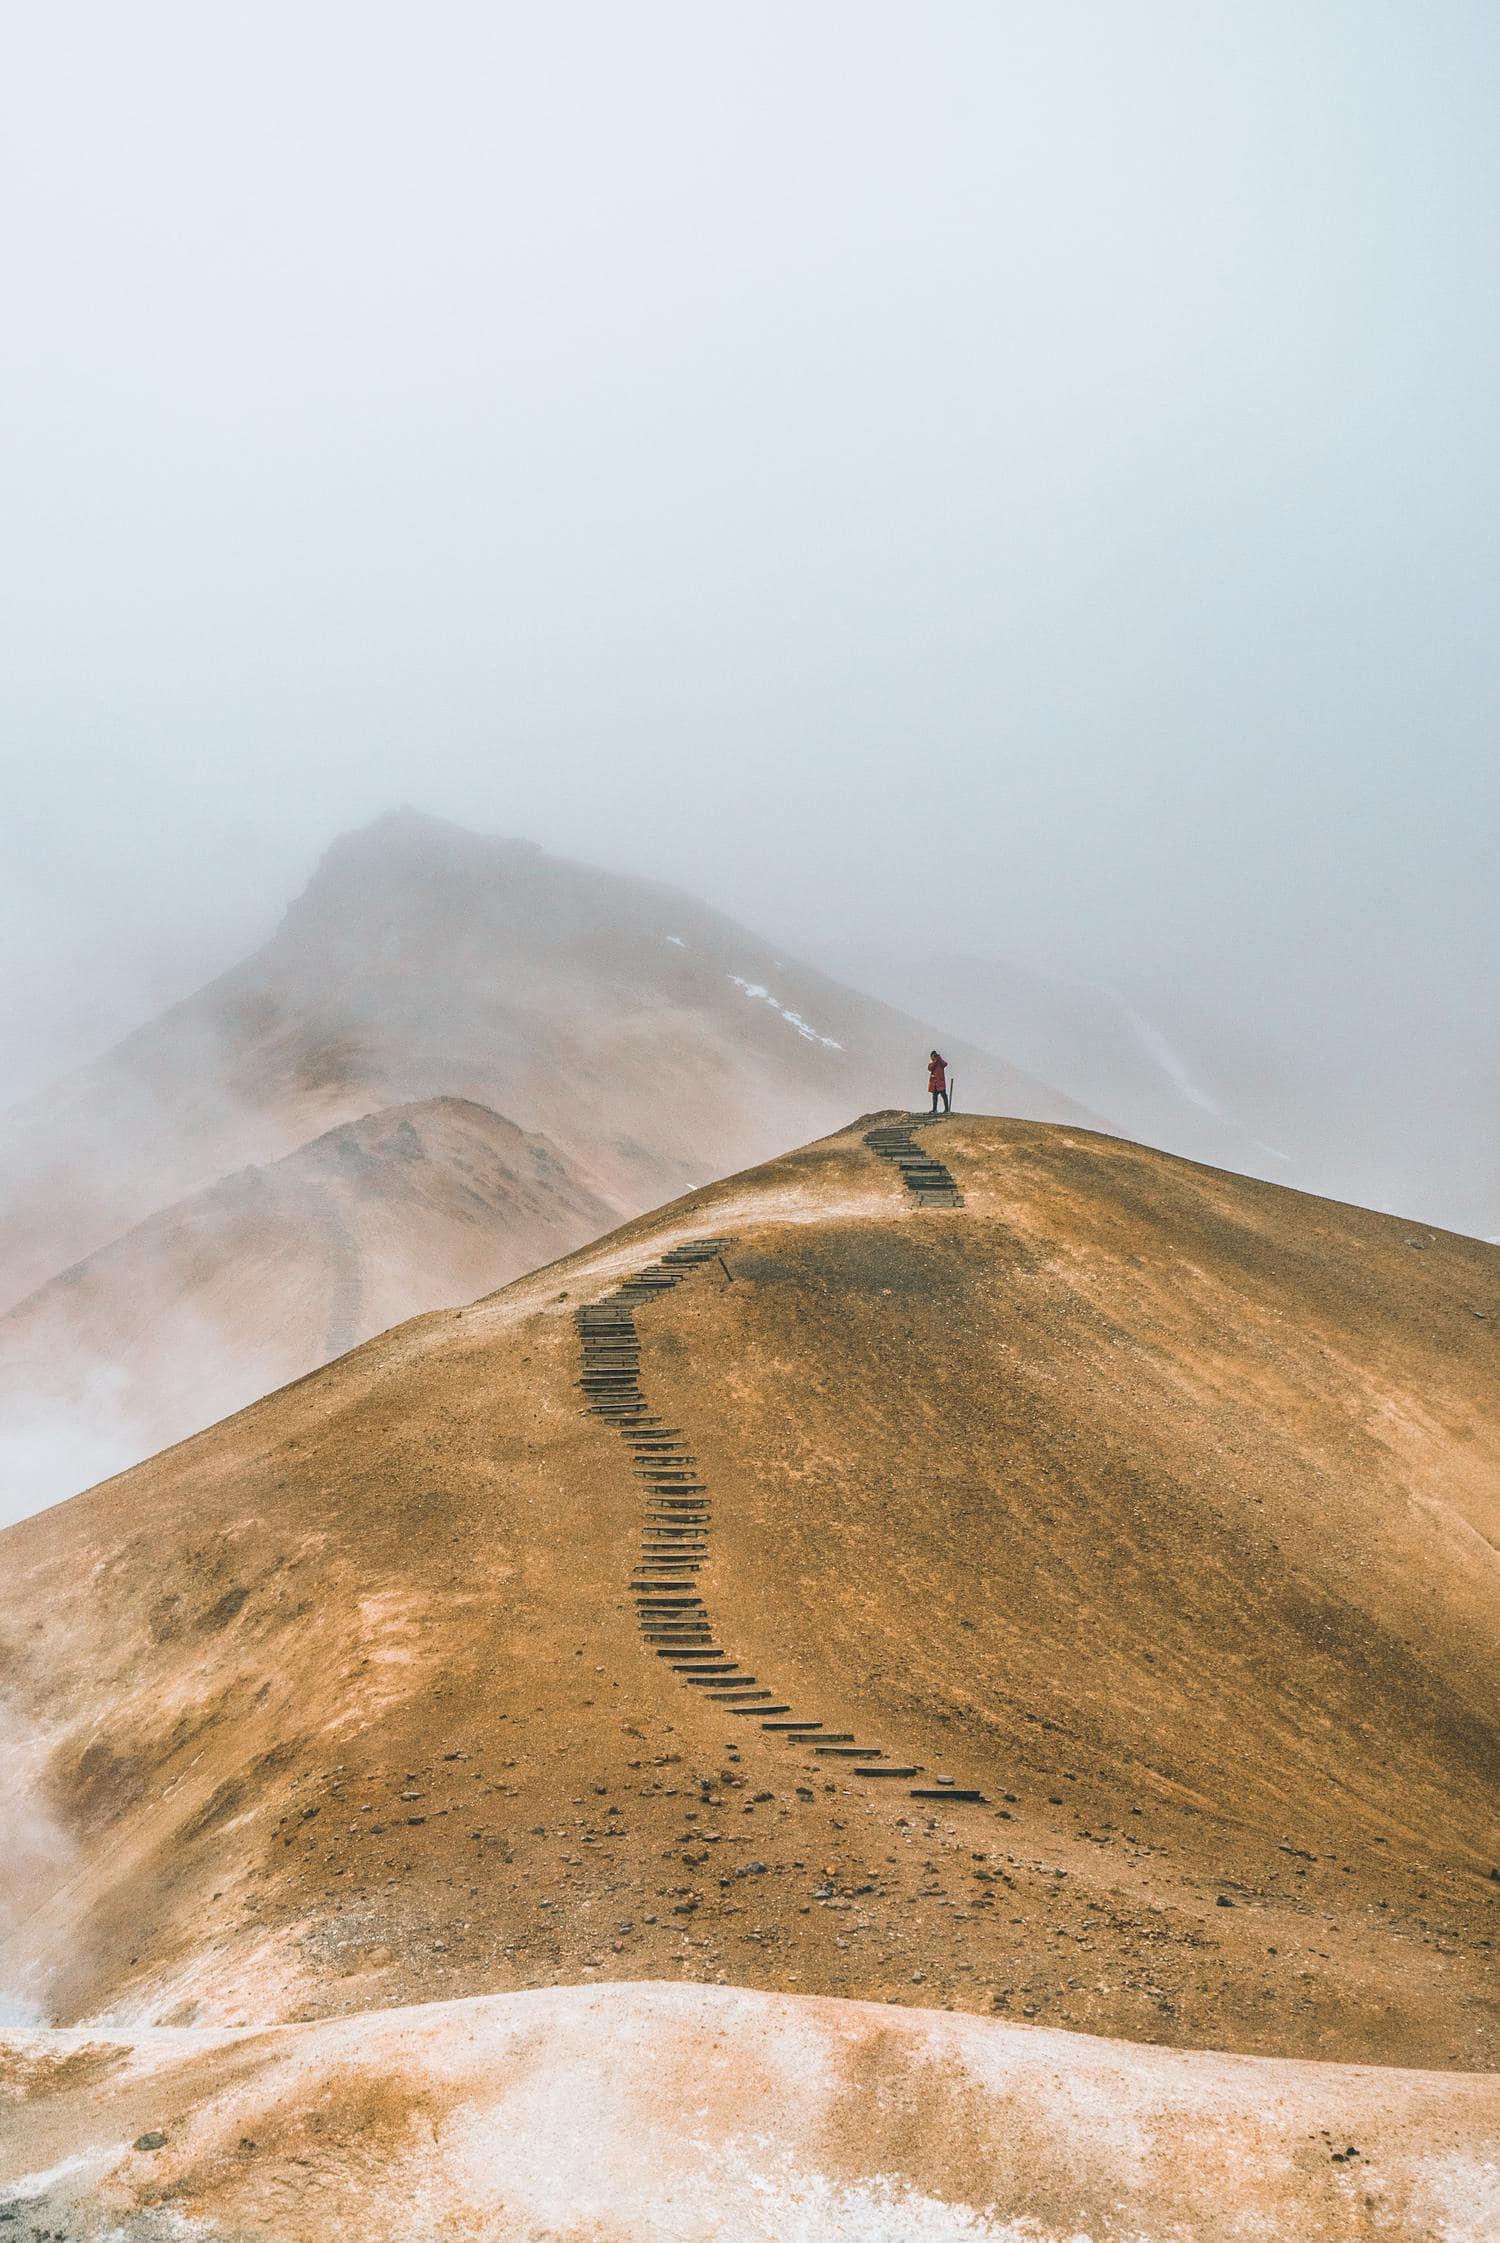 Camino en montaña con humano